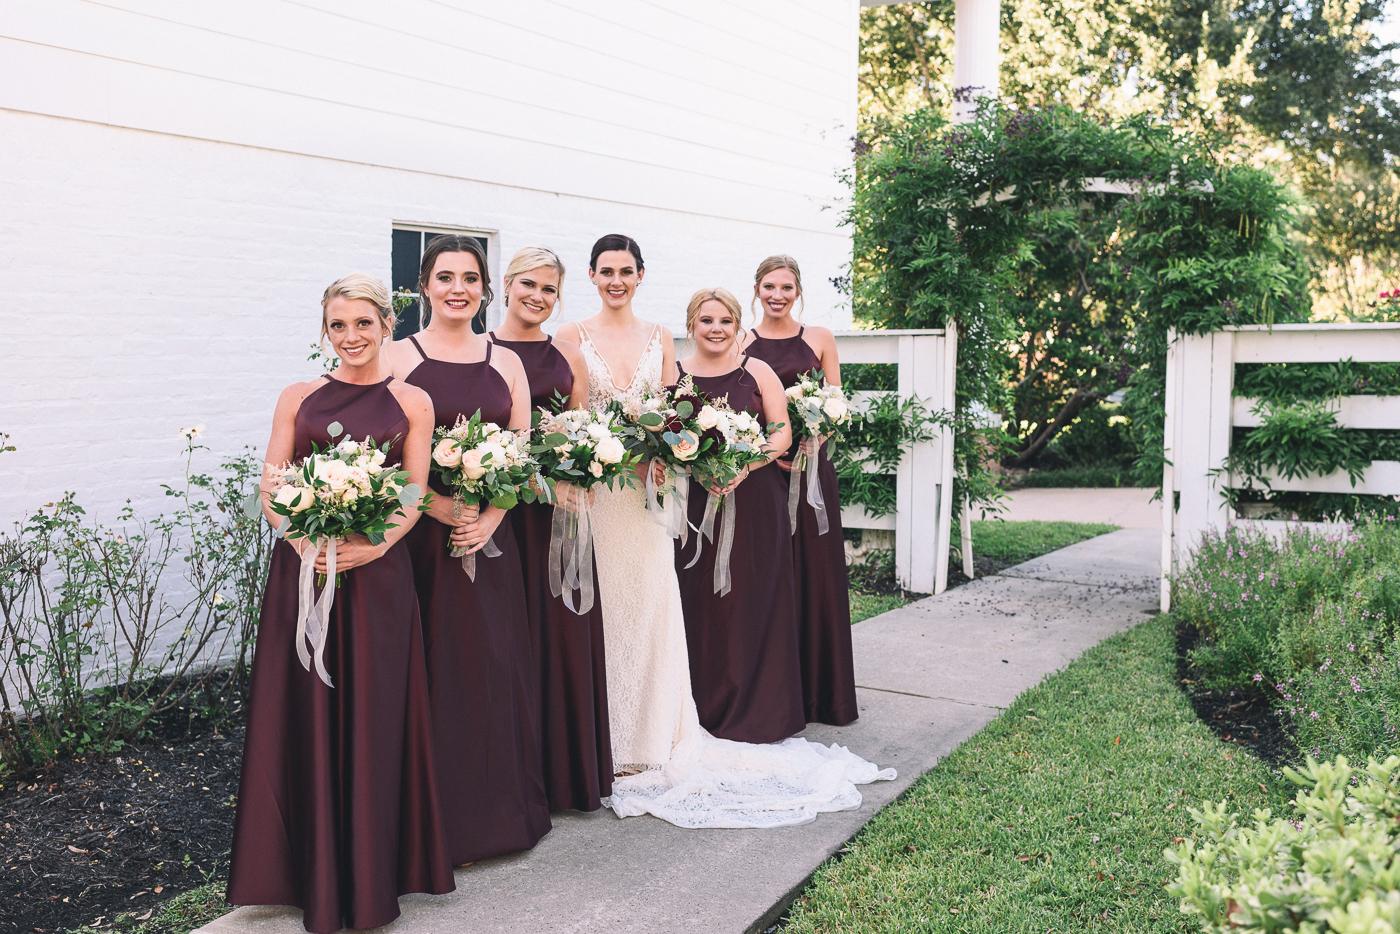 wedding party brides maids bouquet